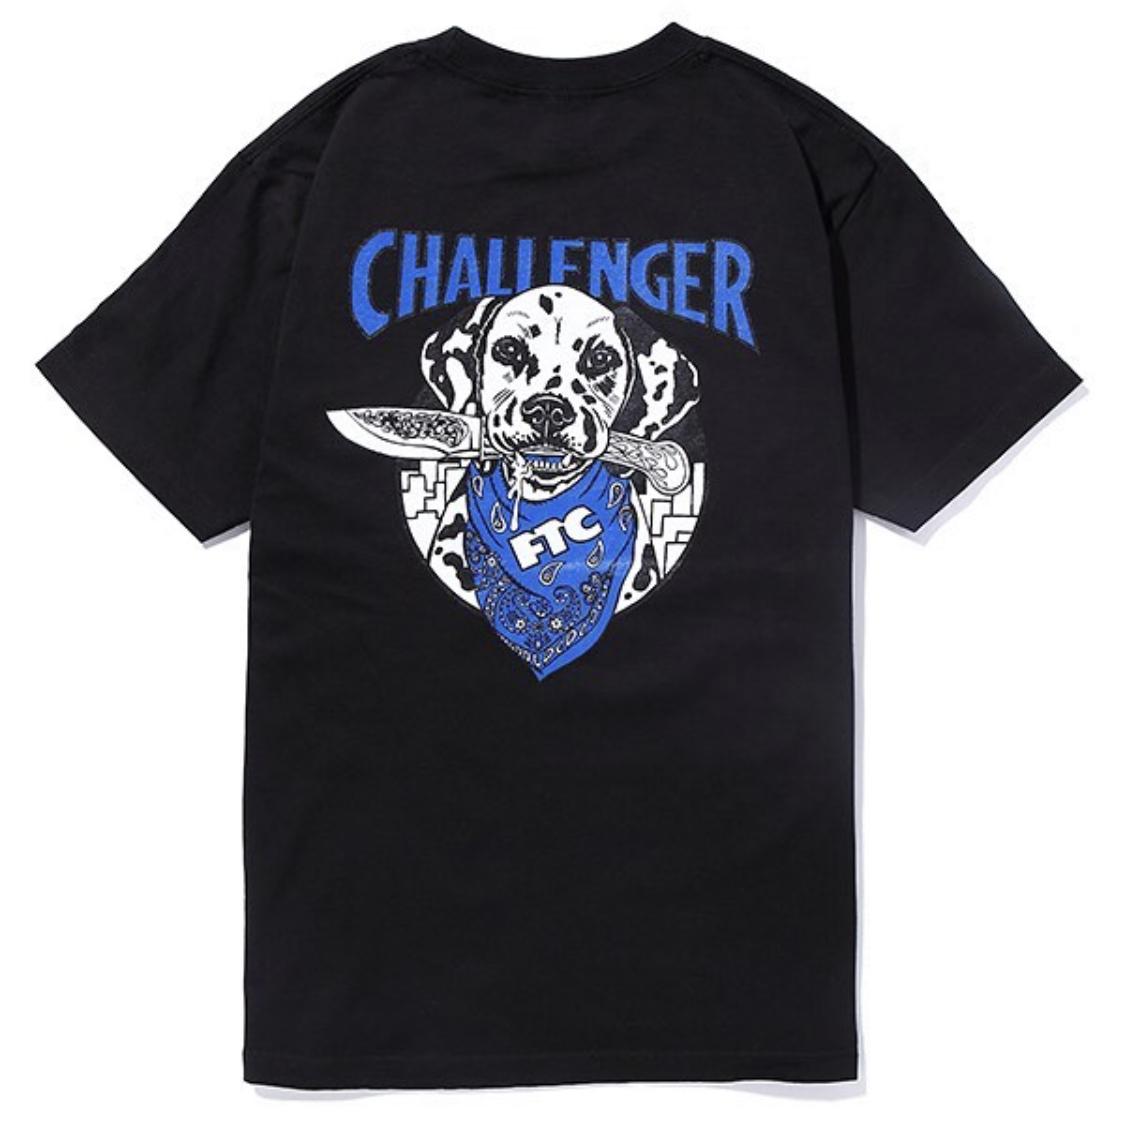 FTC x CHALLENGER NEW ITEMS!!!!_d0101000_1434116.jpg